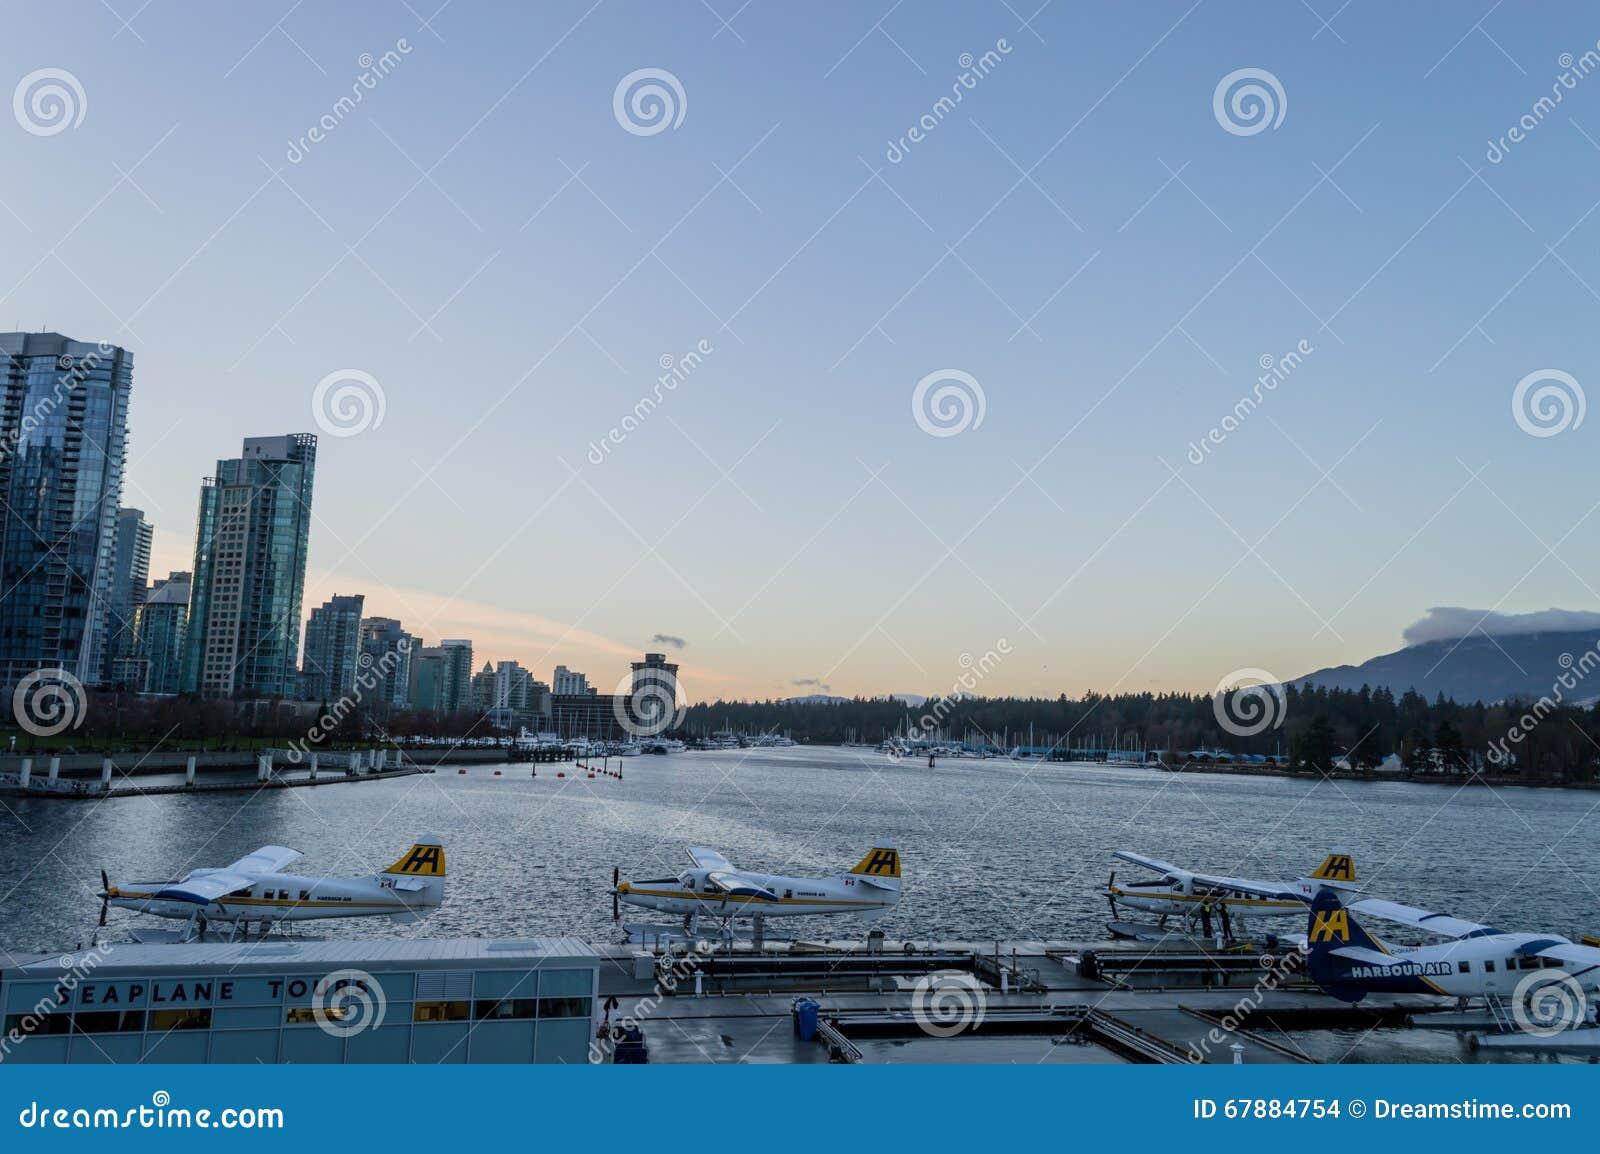 在都市风景中的水上飞机